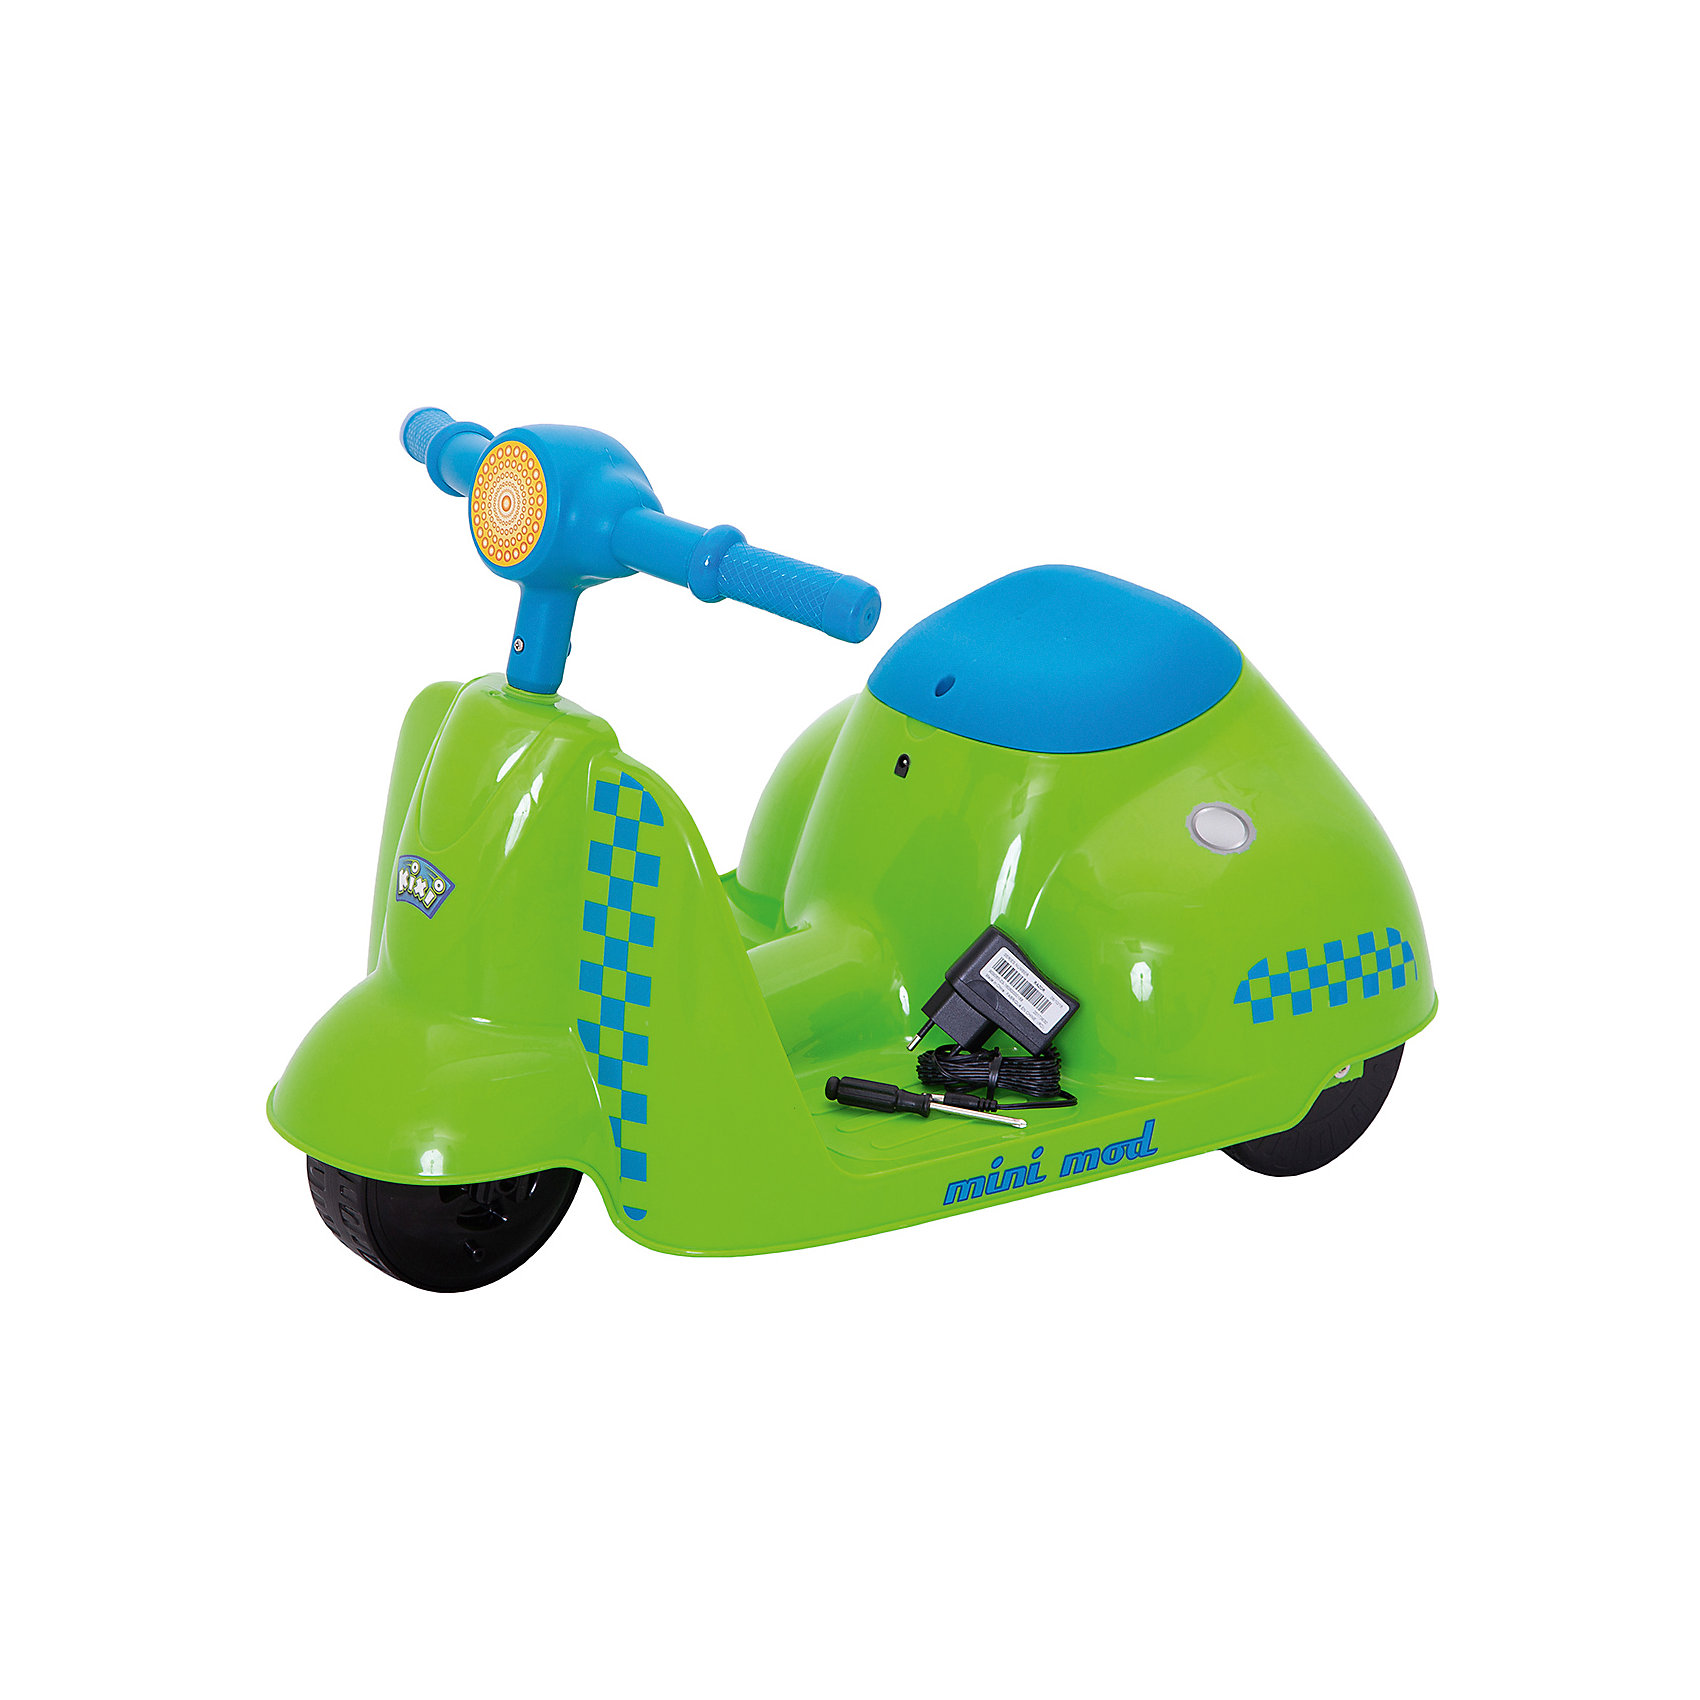 Электроскутер Mini Mod, зеленый, RazorСамокаты<br>Электроскутер Mini Mod, зеленый, Razor (Рэзор)<br><br>Характеристики:<br><br>• для детей от 3-х лет<br>• скорость до 3,5 км/ч<br>• мотор, адаптированный для детей<br>• максимальная нагрузка - 20 кг<br>• рост: 80-120 см<br>• педаль для активации мотора<br>• ширина руля - 37 см<br>• размер скутера: 63х38 см<br>• аккумулятор 6В<br>• цвет: зеленый<br>• размер упаковки: 28,5х41х64 см<br>• вес: 4,9 кг<br><br>Электроскутер - прекрасный подарок для маленьких райдеров. Он подходит для детей от трёх лет. Ребенок сможет передвигаться по дорогам на скорости до 3,5 км/ч. Скутер оснащен педалью для активации мотора. Мотор адаптирован для детей младшего возраста. Электроскутер имеет удобный руль и сиденье. Подходит для детей ростом от 80 до 120 сантиметров, весом до 20 кг.<br><br>Электроскутер Mini Mod, зеленый, Razor (Рэзор) вы можете купить в нашем интернет-магазине.<br><br>Ширина мм: 640<br>Глубина мм: 410<br>Высота мм: 285<br>Вес г: 4900<br>Возраст от месяцев: 36<br>Возраст до месяцев: 2147483647<br>Пол: Унисекс<br>Возраст: Детский<br>SKU: 5448971